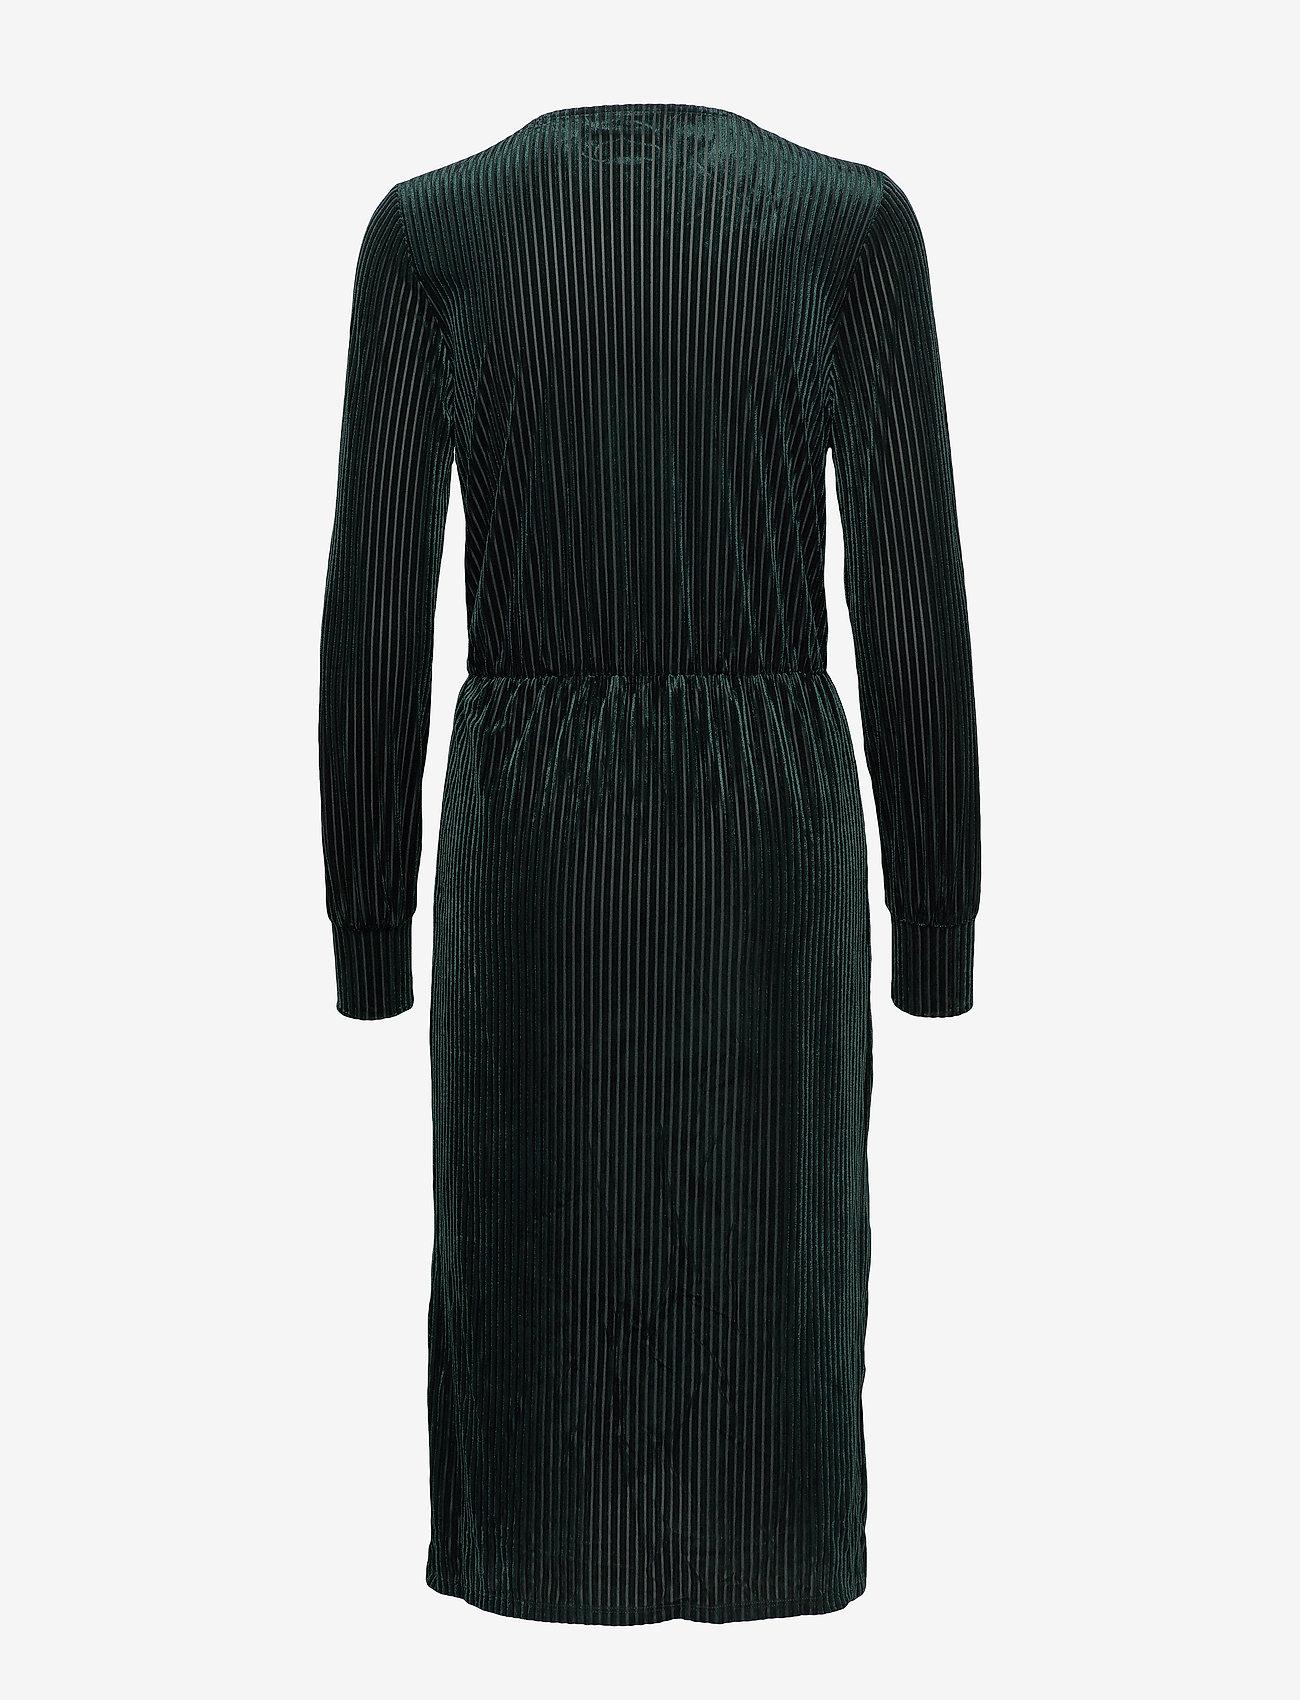 FREE/QUENT FQELLIE-DR - Sukienki SCARAB 19-5350 - Kobiety Odzież.